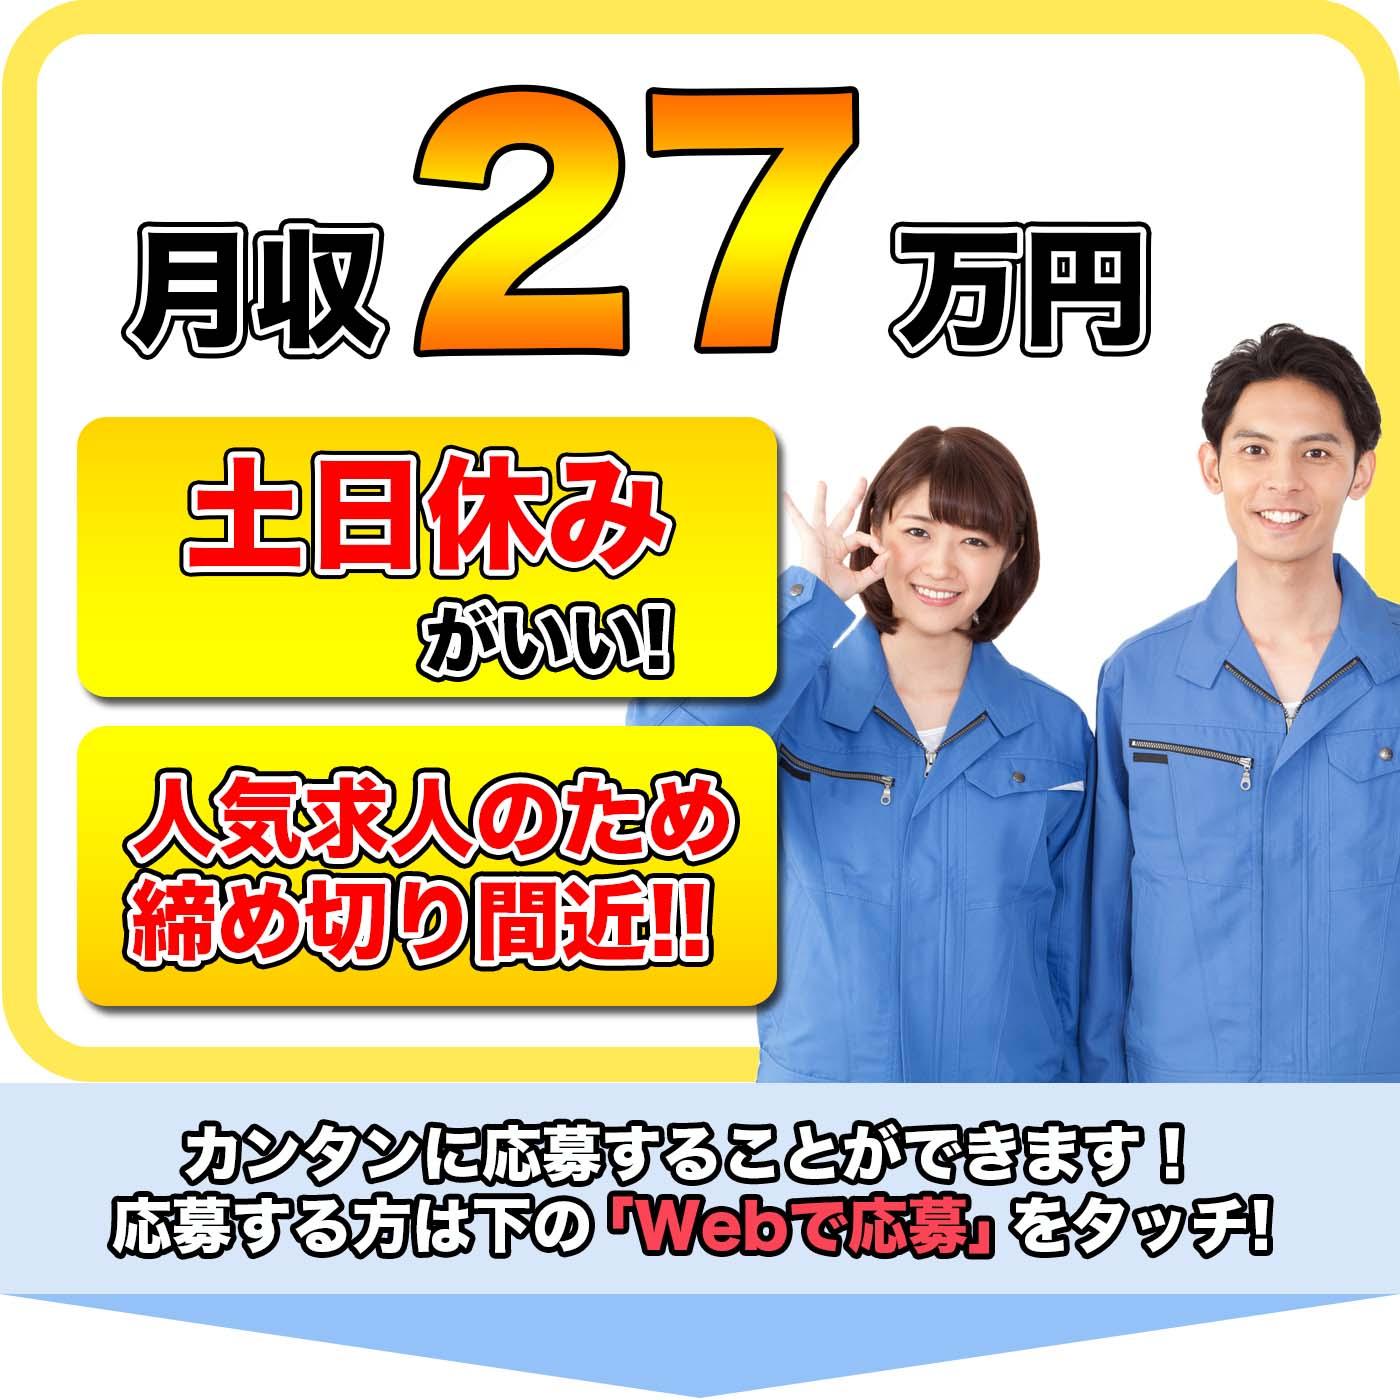 Kyujin23 bb 3